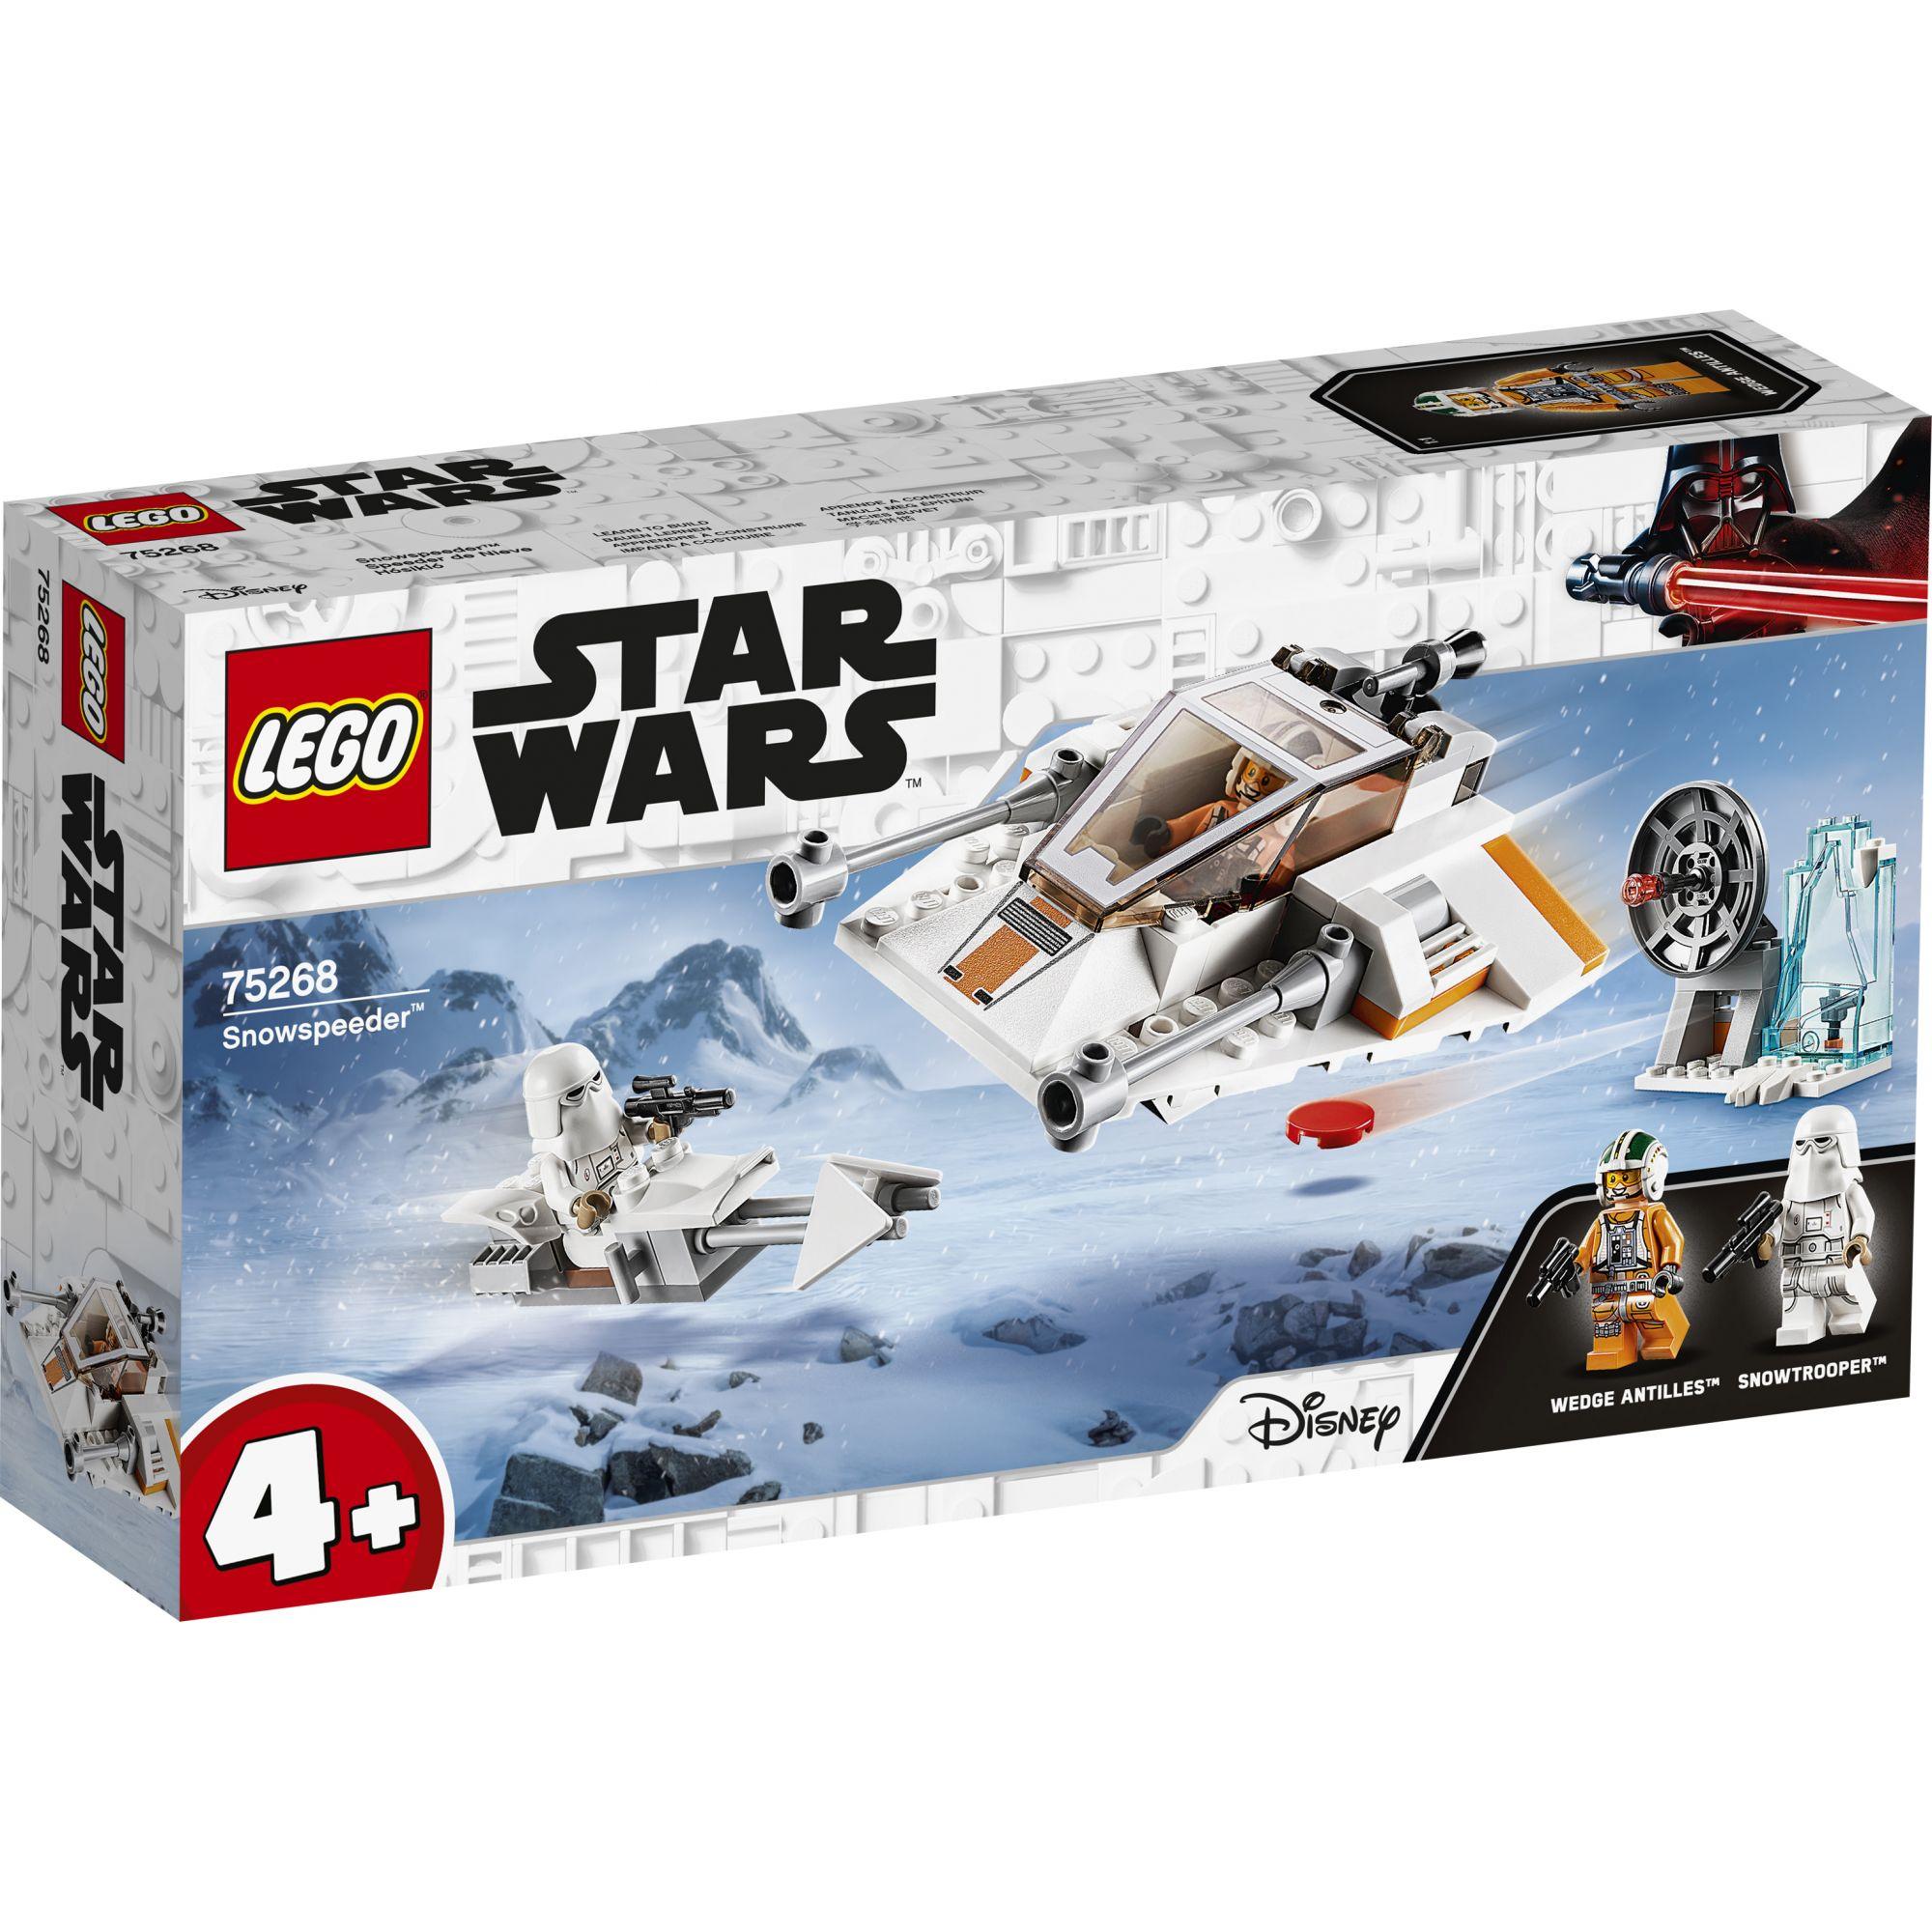 LEGO Star Wars Snowspeeder - 75268